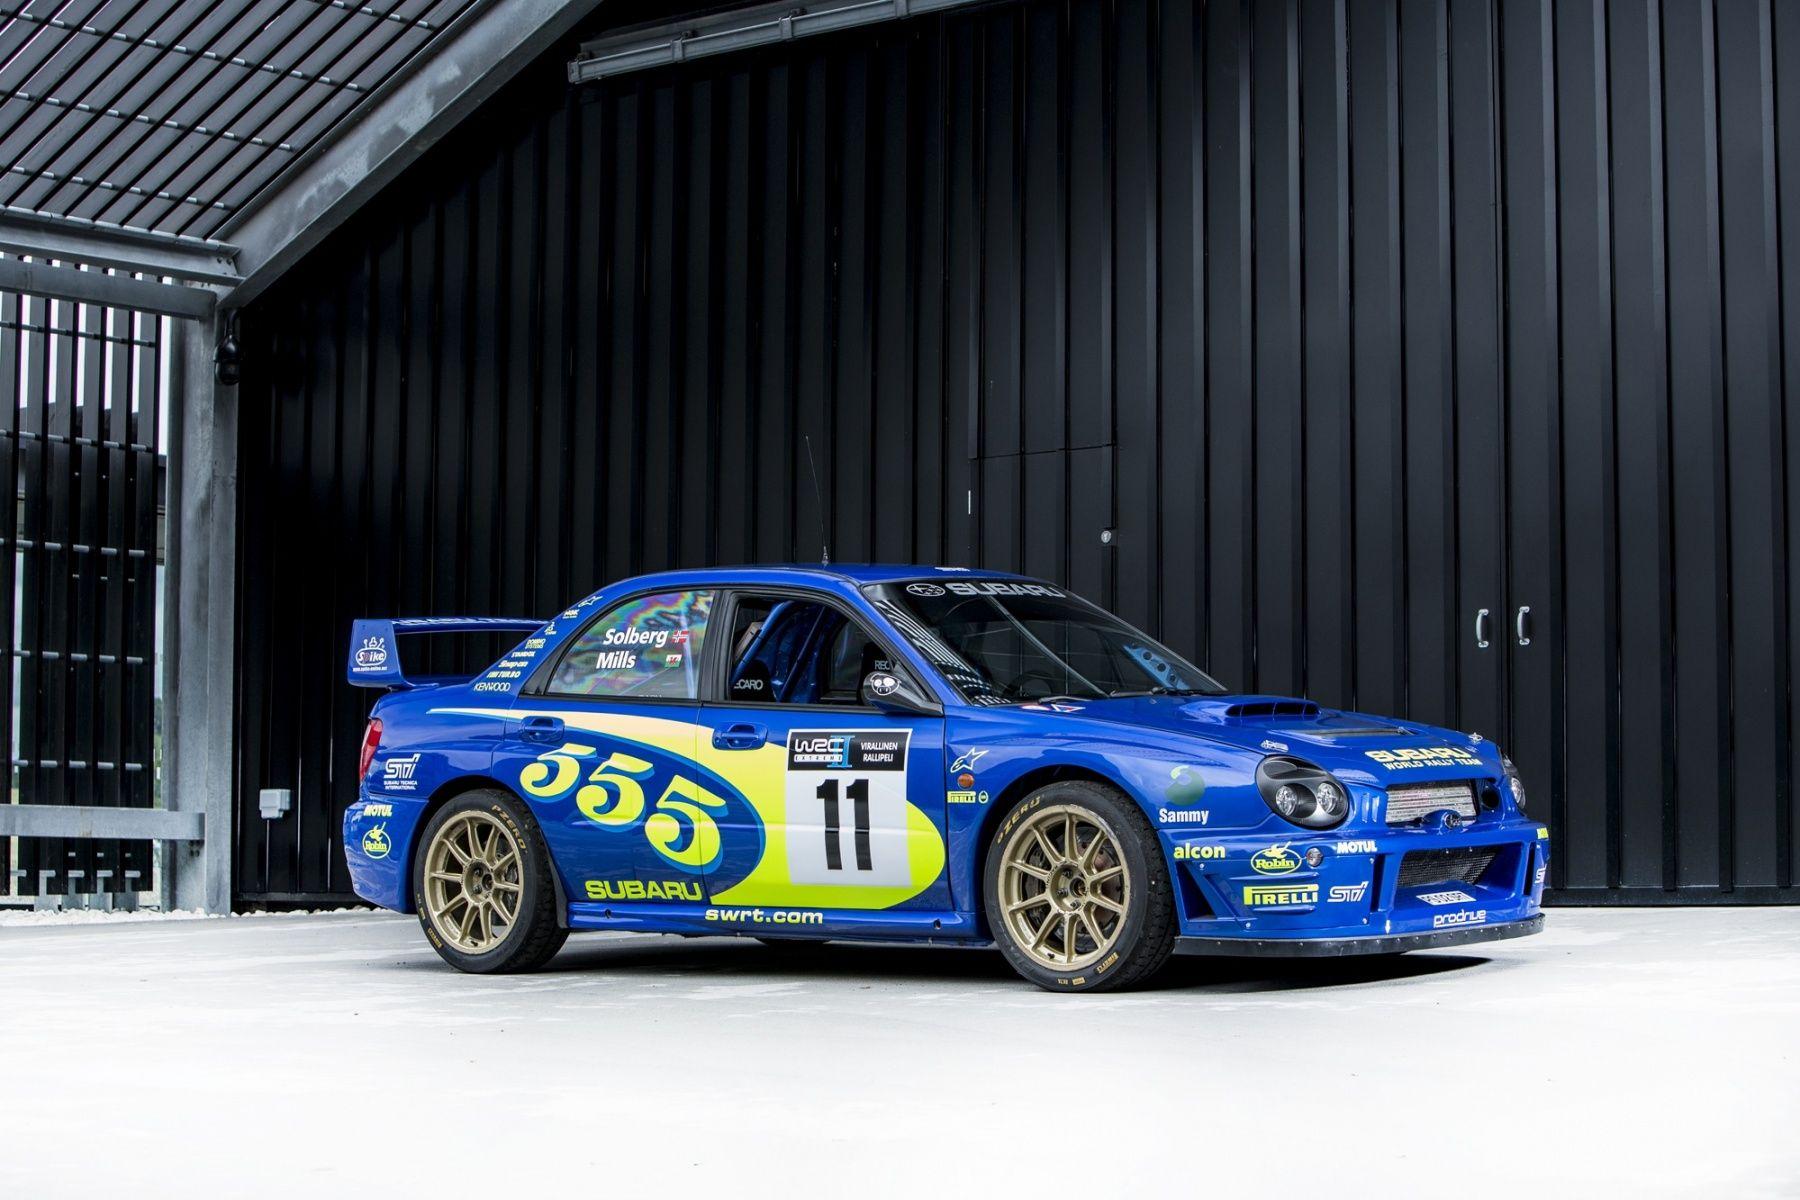 2001 02 Subaru Impreza Wrc Subaru Impreza Wrc Subaru Impreza Subaru